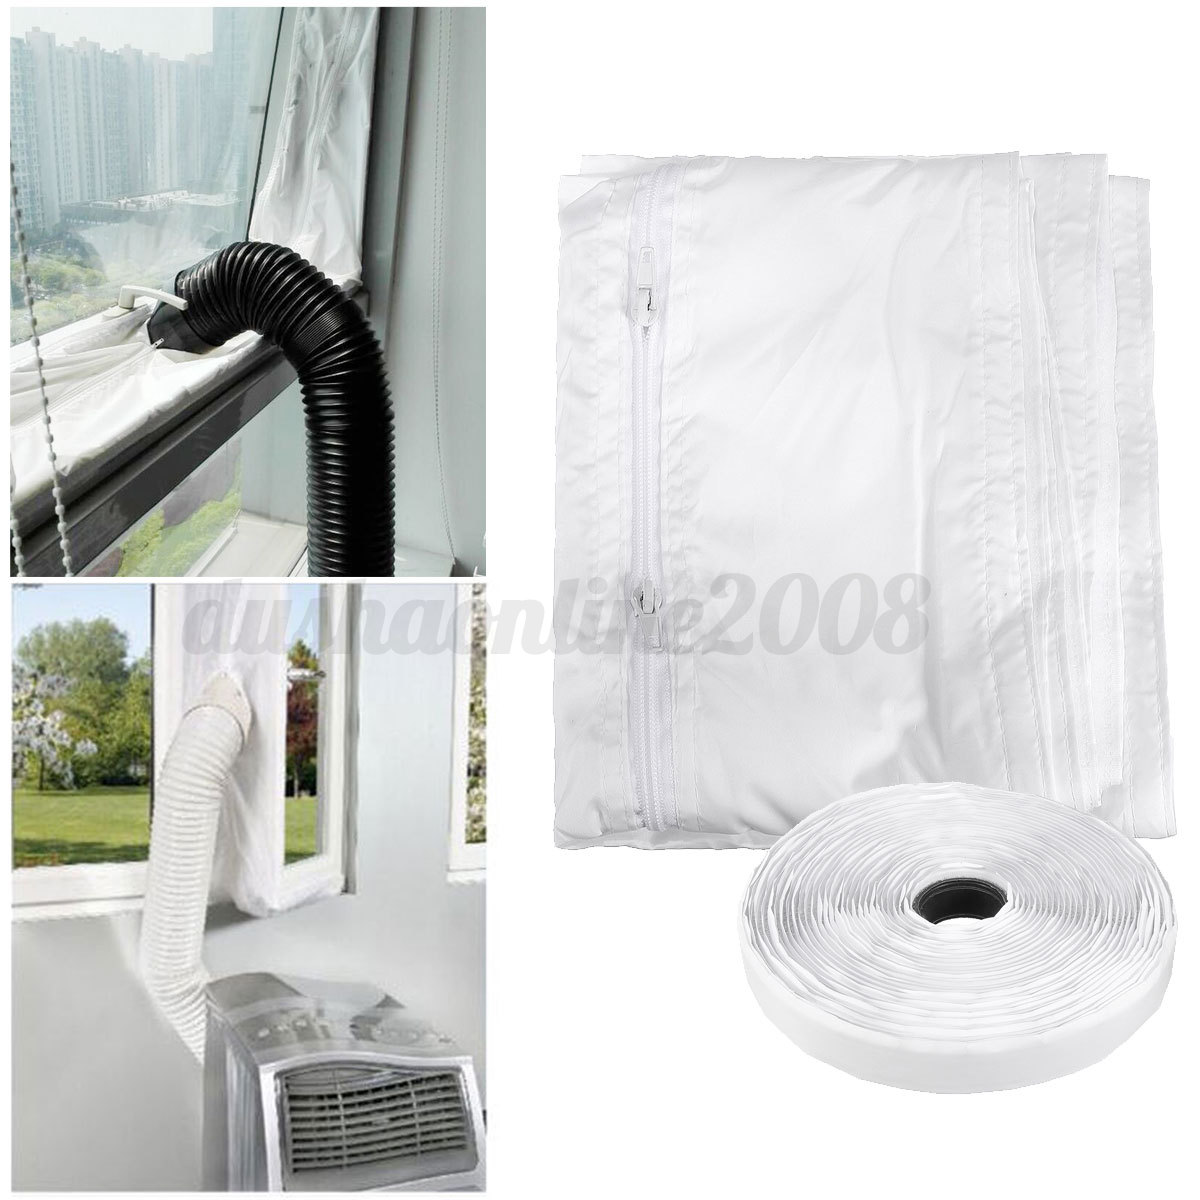 Kit 4m voile isolant airlock calfeutrage pour climatiseur - Kit d etancheite porte fenetre pour climatiseur ...